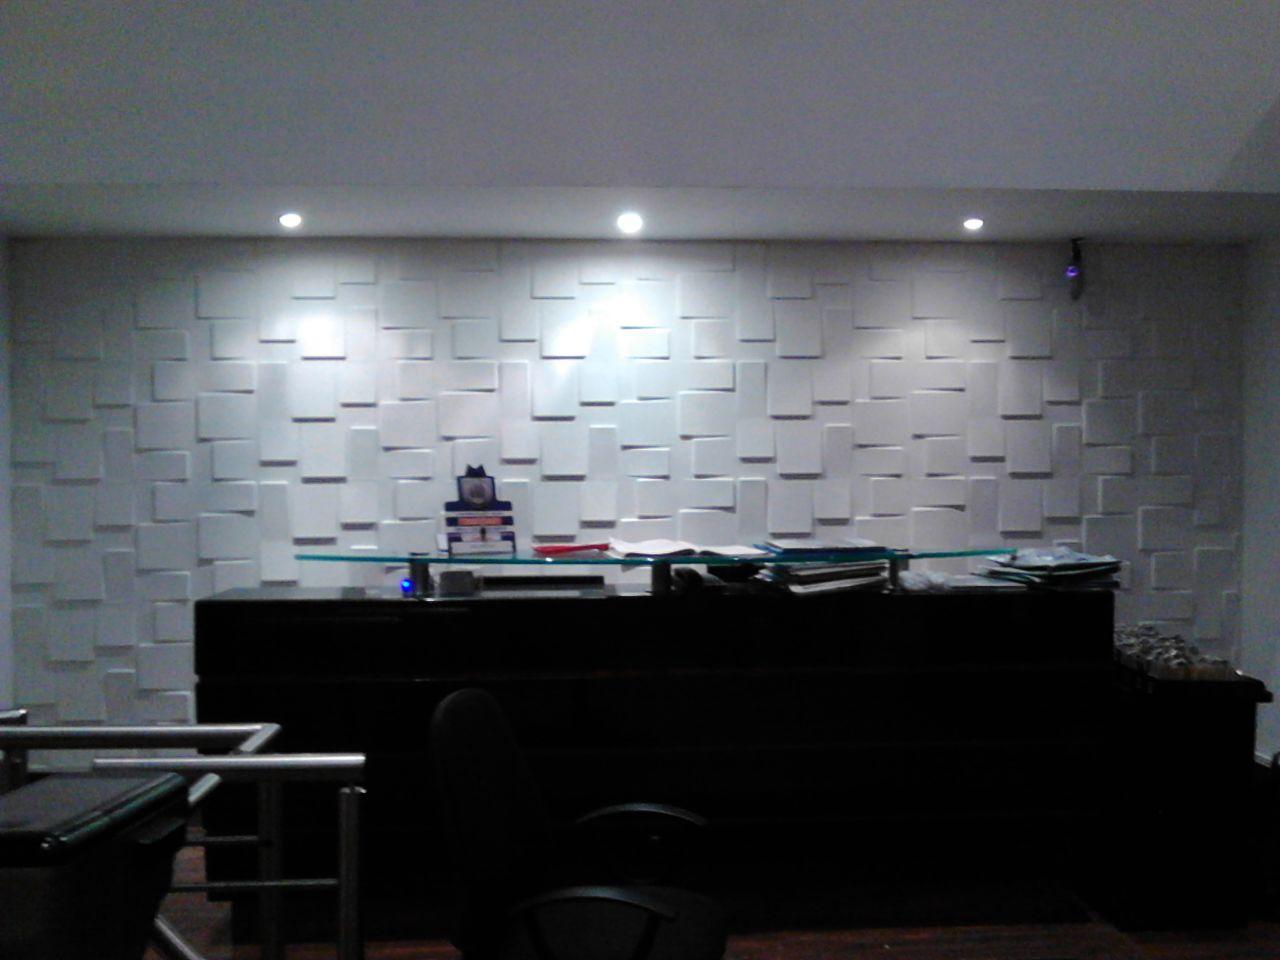 Bogot lavado venta cortinas in house decoraci n norte - Paneles decorativos bano ...